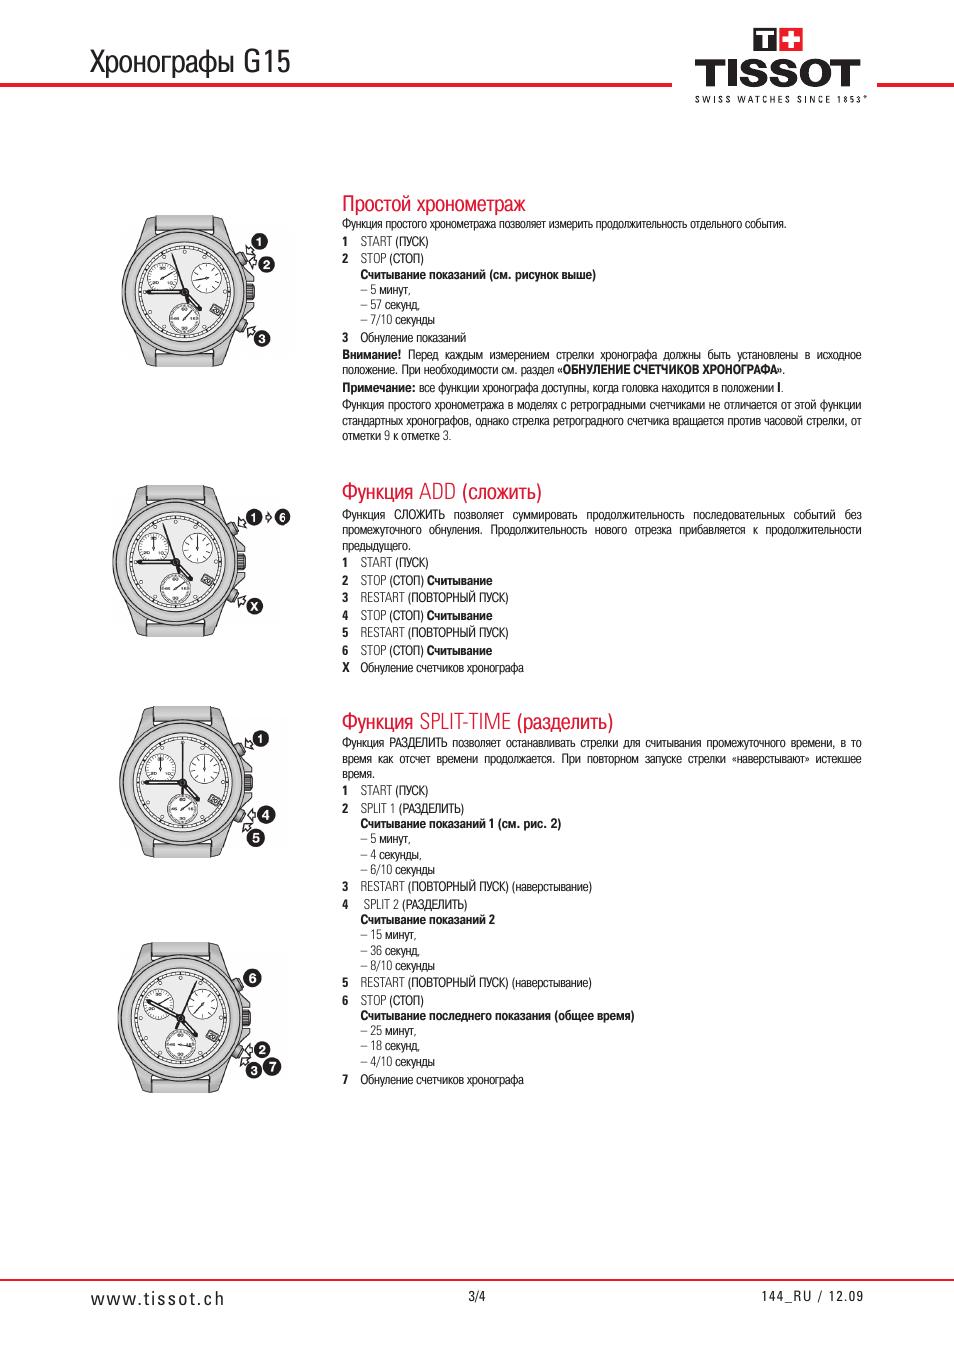 В них предусмотрена как постоян-ная аналоговая индикация времени, так и различные цифровые дисплеи.